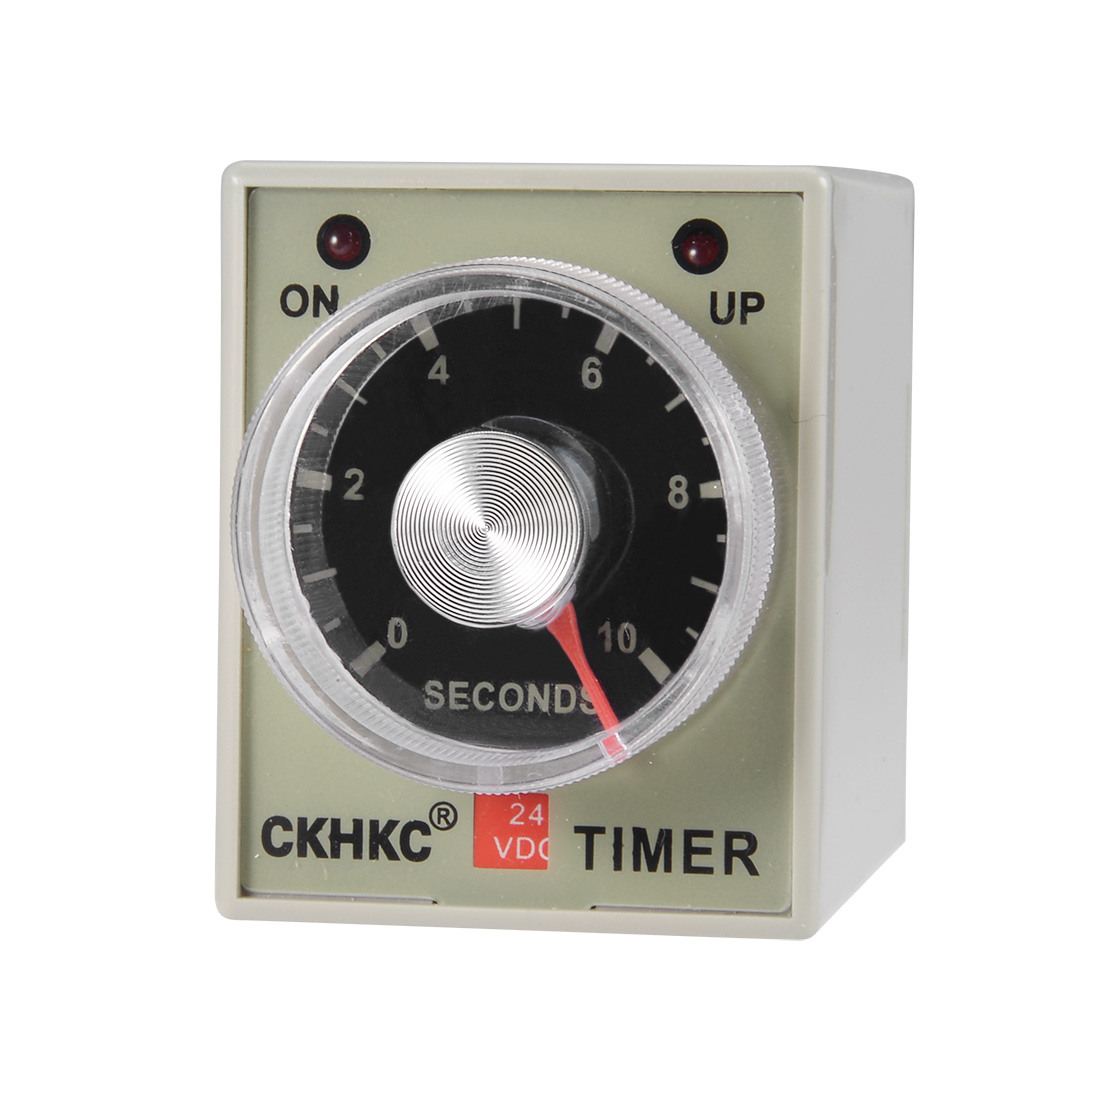 DC24V 10S 8 Terminals Range Adjustable Delay Timer Time Relay